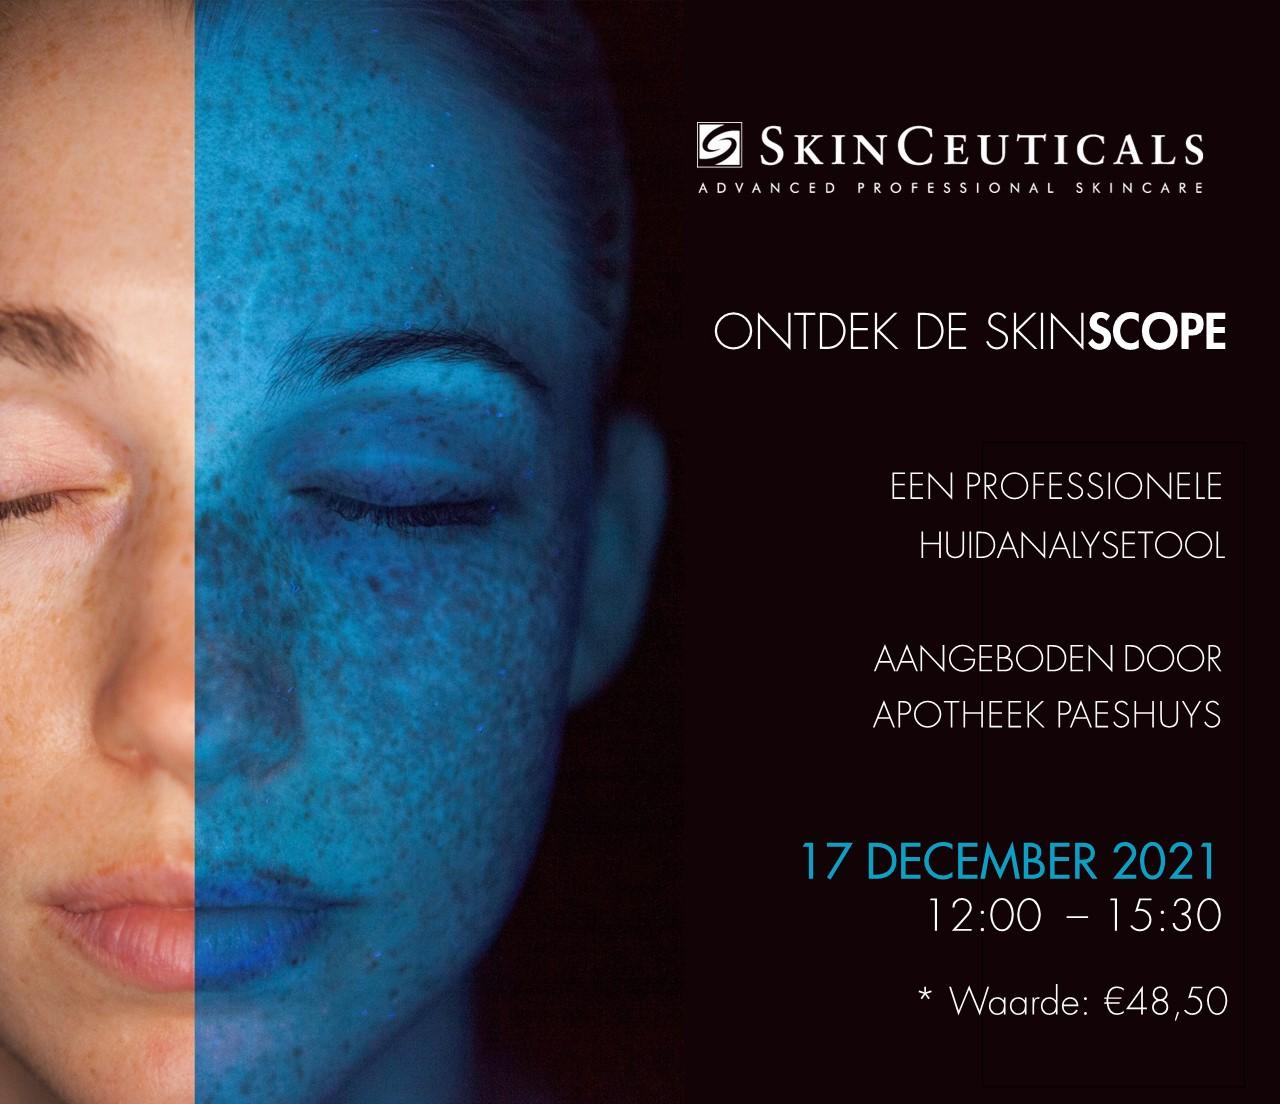 Skinscope SkinCeuticals